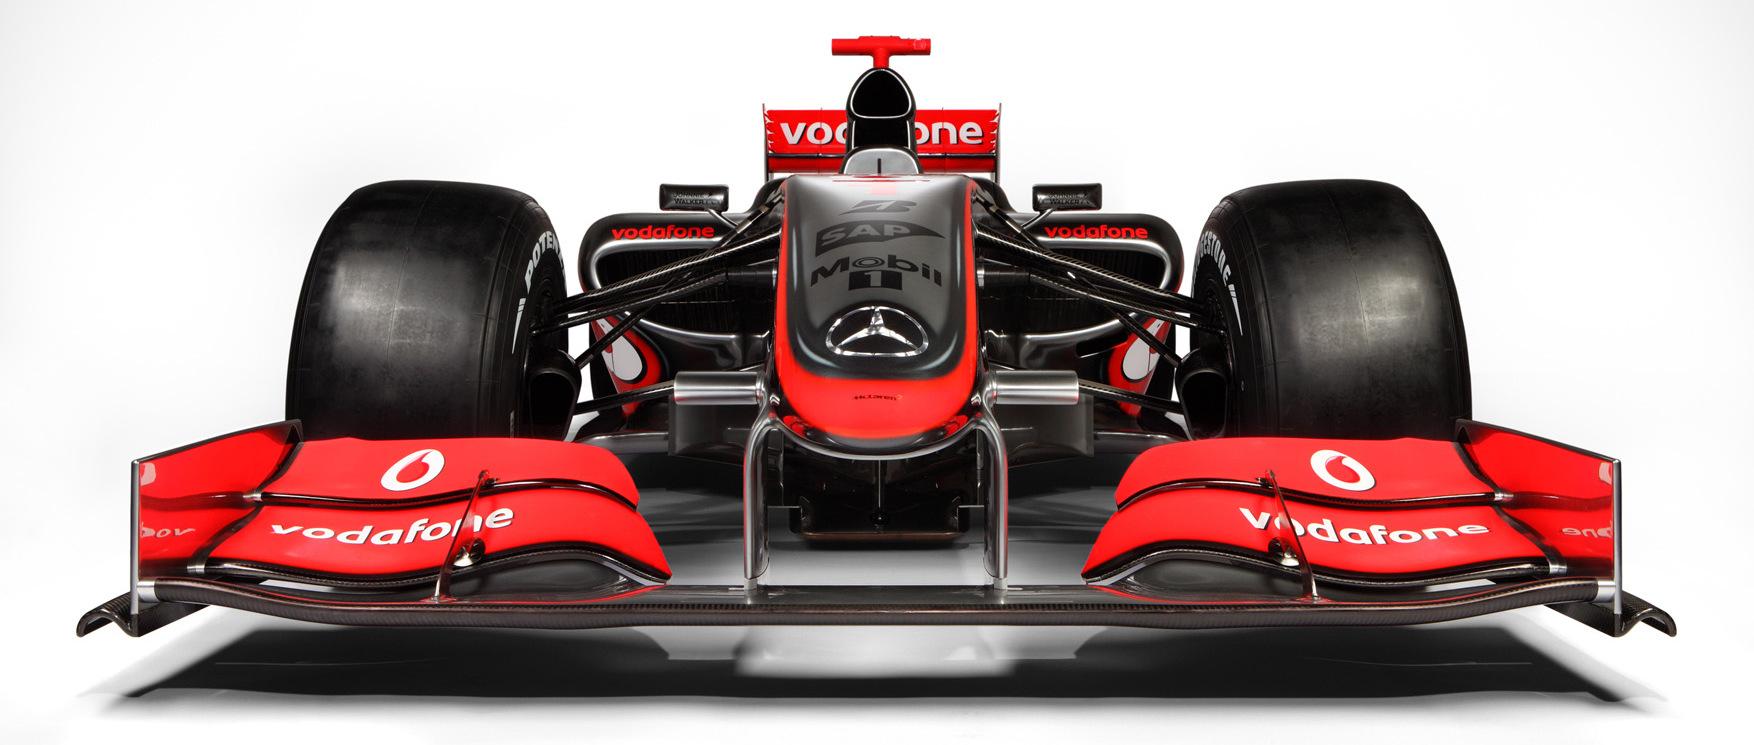 McLaren F1 goes Interactive